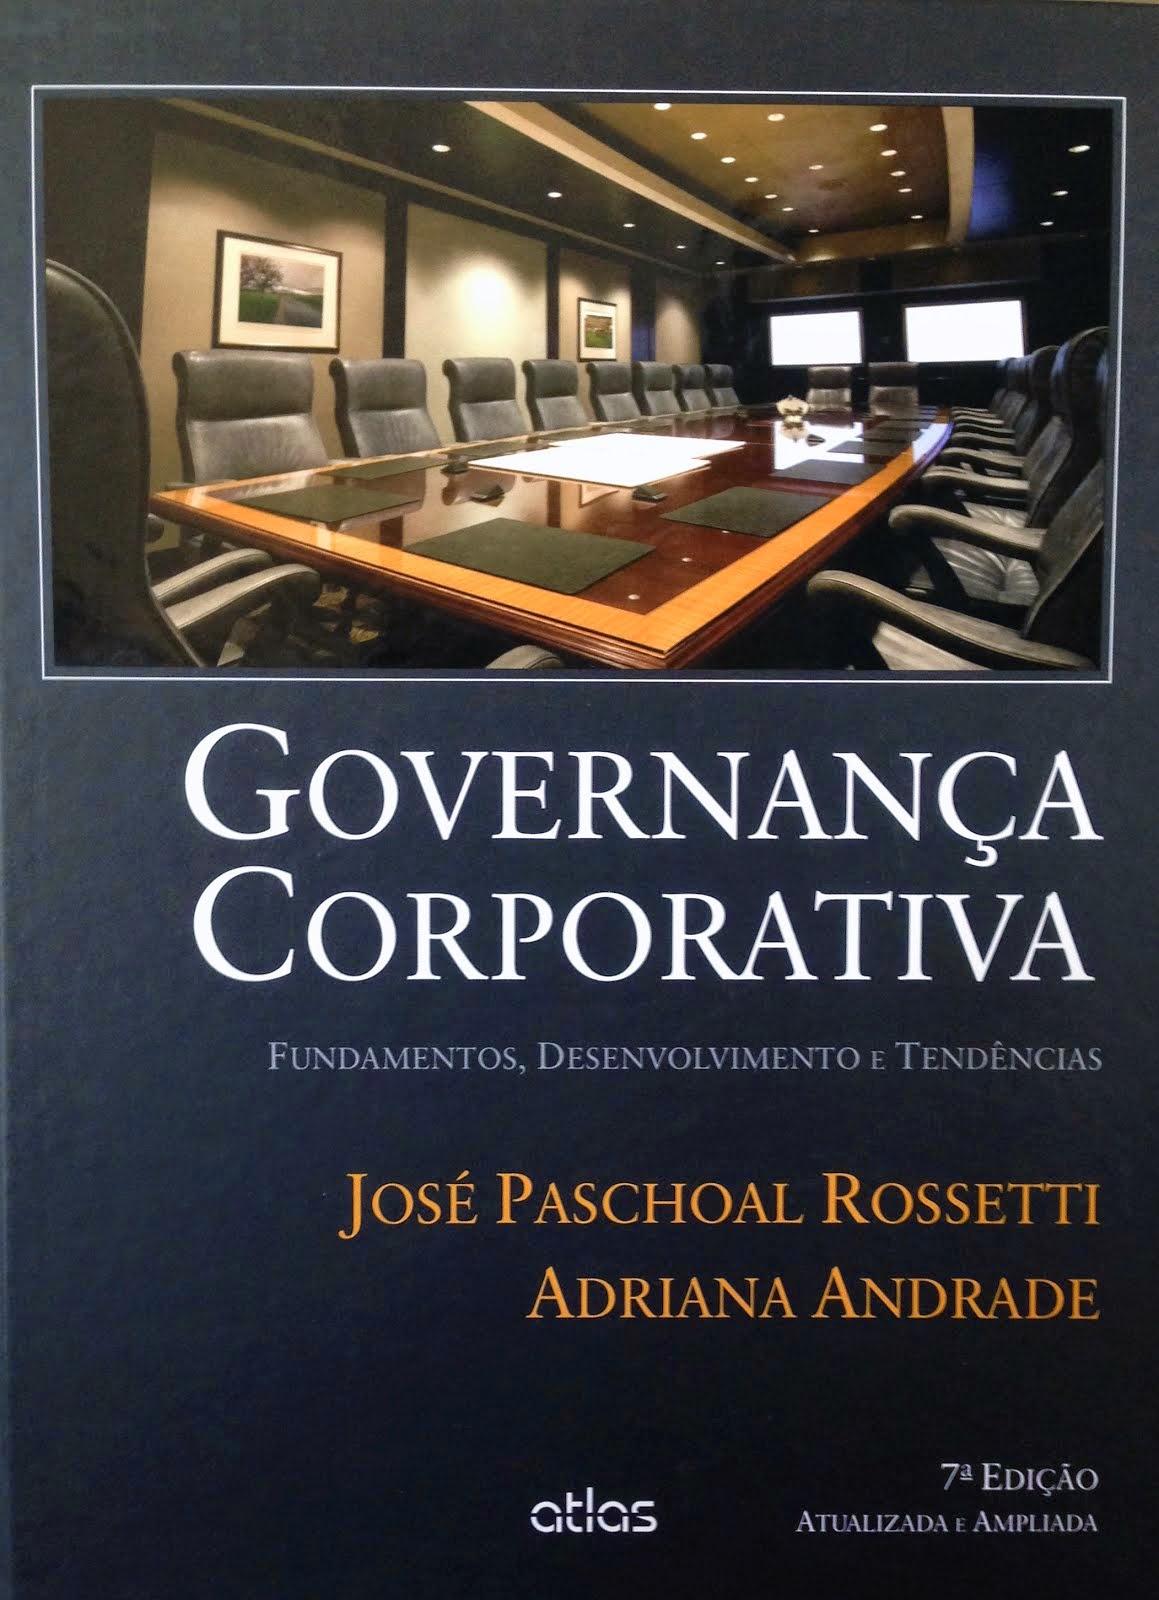 Governança Corporativa: Fundamentos, Desenvolvimento e Tendências